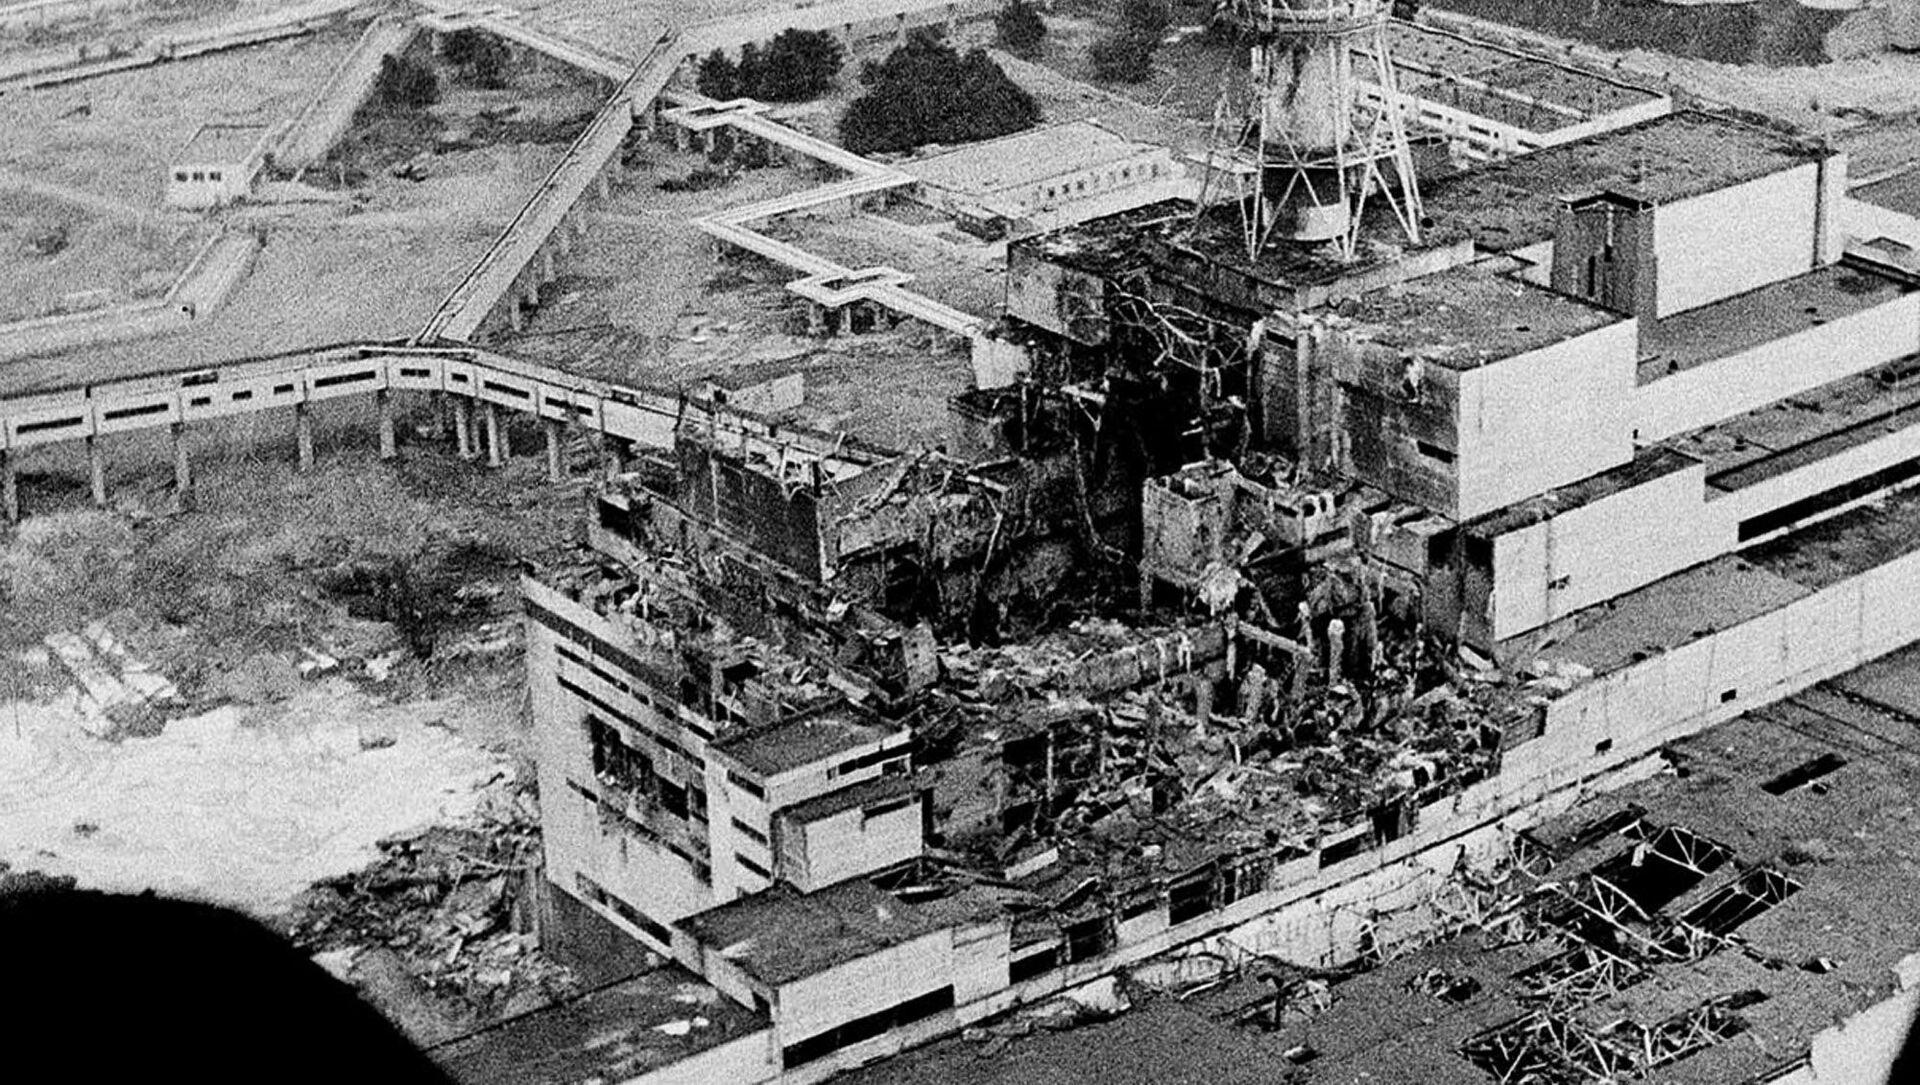 Chernobyl, la più grande catastrofe causata dall'uomo nella storia dell'umanità - Sputnik Italia, 1920, 26.04.2021